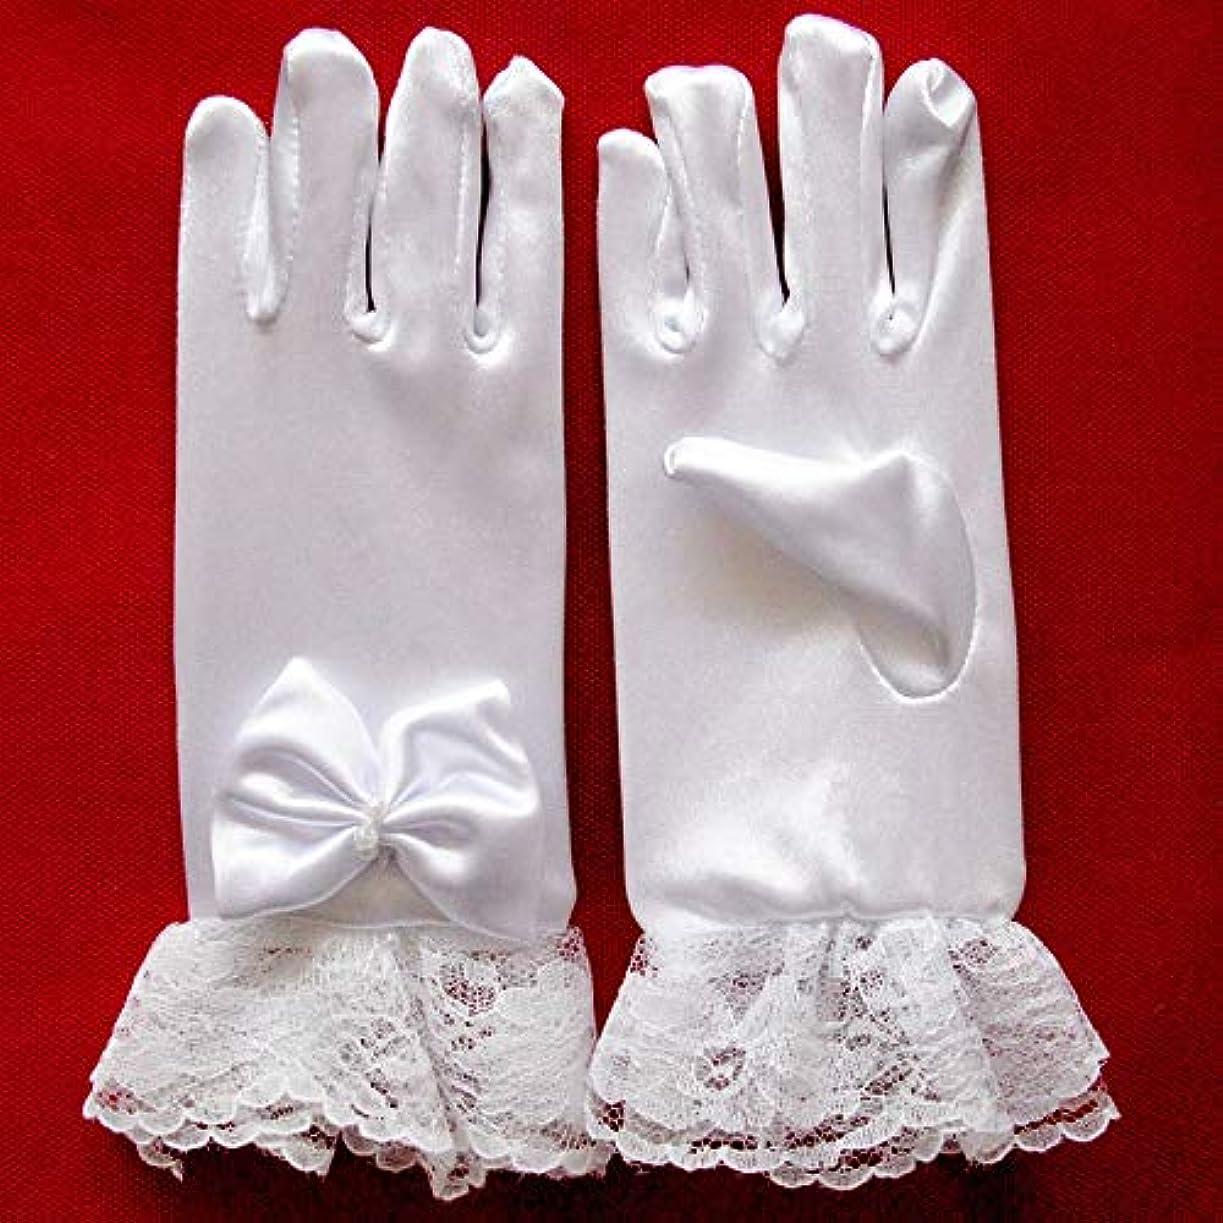 知覚できる食い違いファンWTYDスポーツ用品 スタイリッシュな白いレースの女の子パフォーマンス手袋スウィートパーティーキッズ手袋コスチュームアクセサリー スポーツのために使用されます